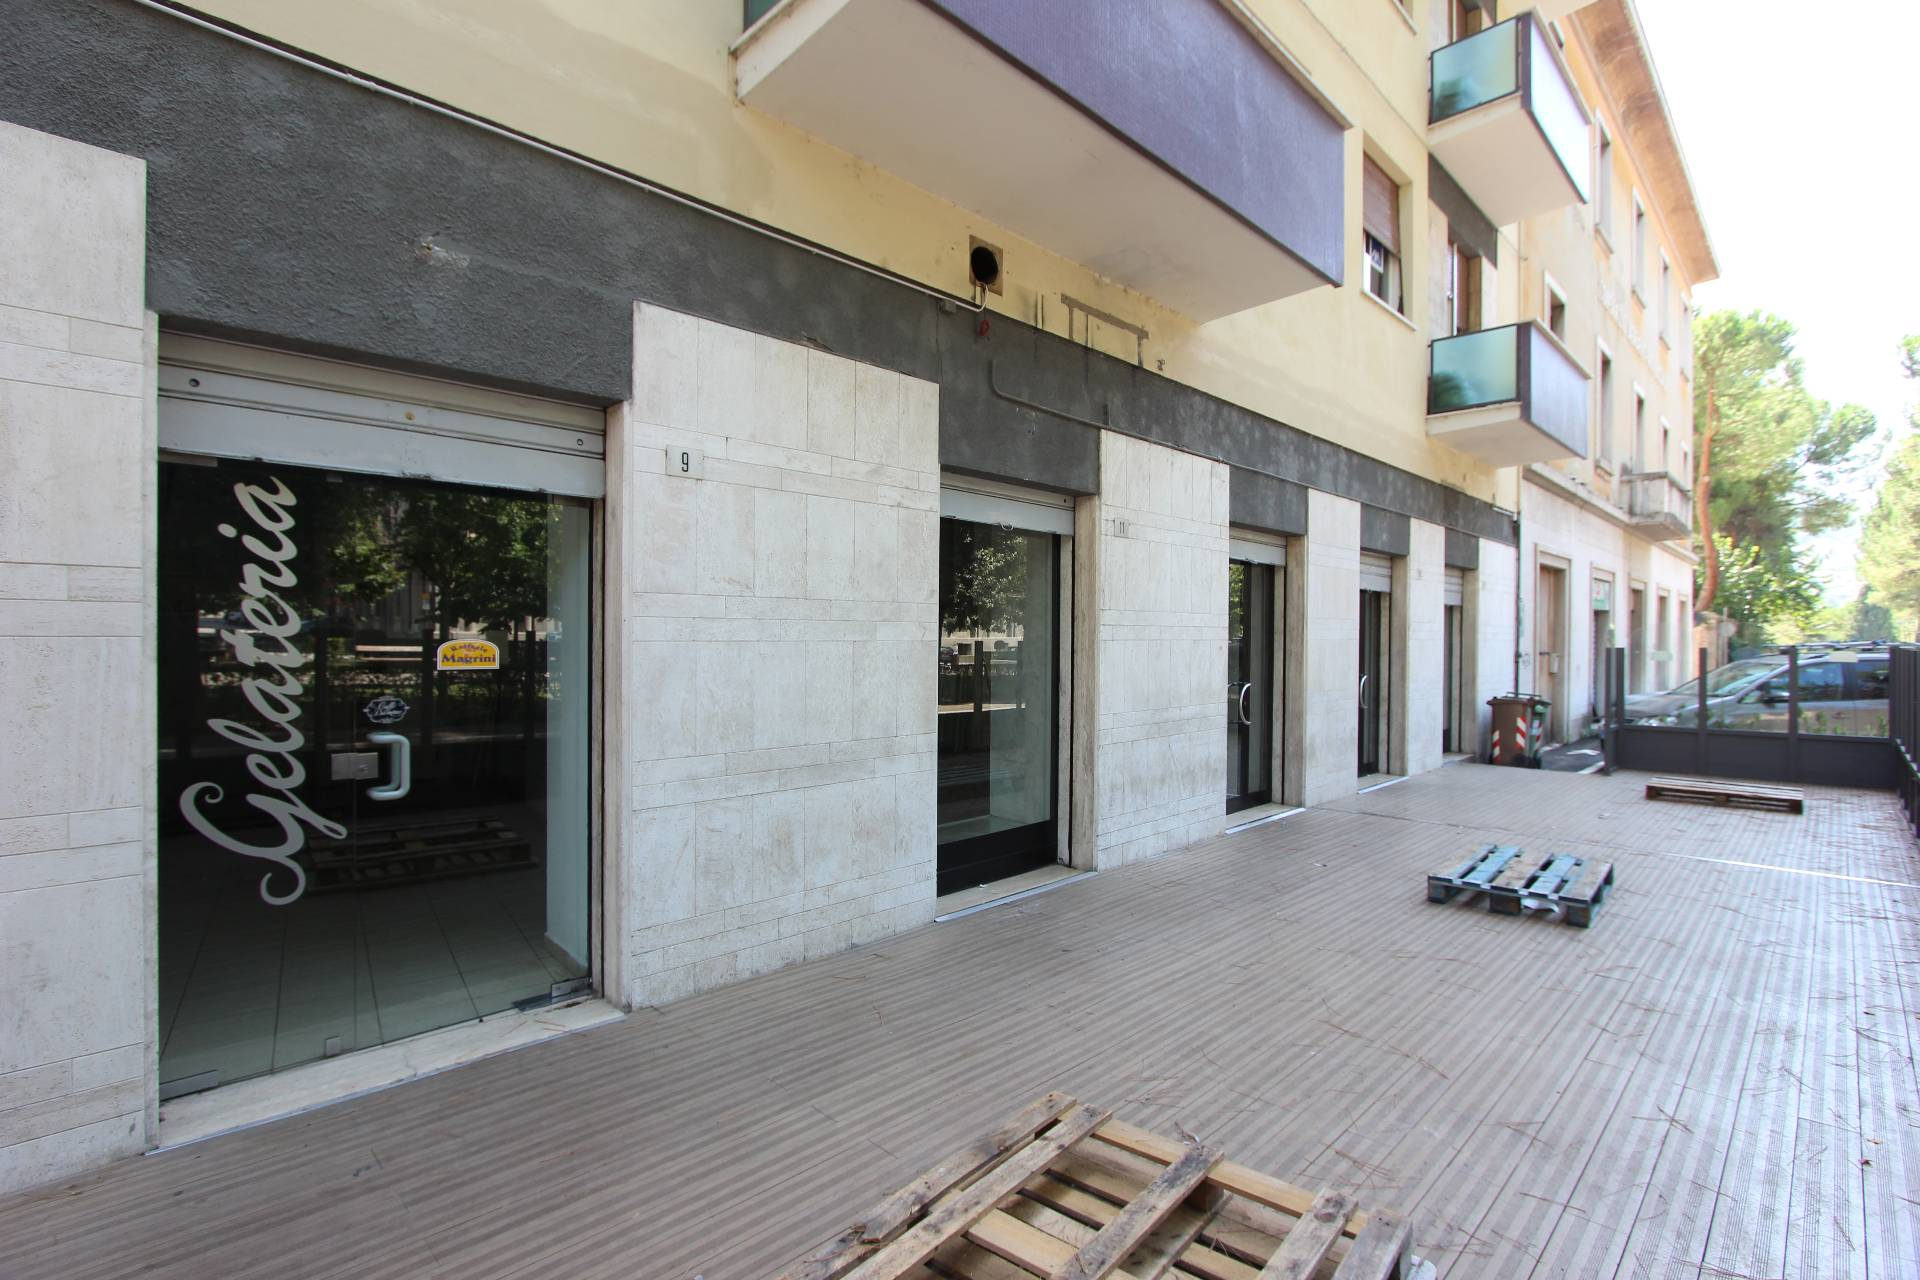 Altro in vendita a Teramo, 9999 locali, zona Località: VialeMazzini, prezzo € 305.000 | CambioCasa.it